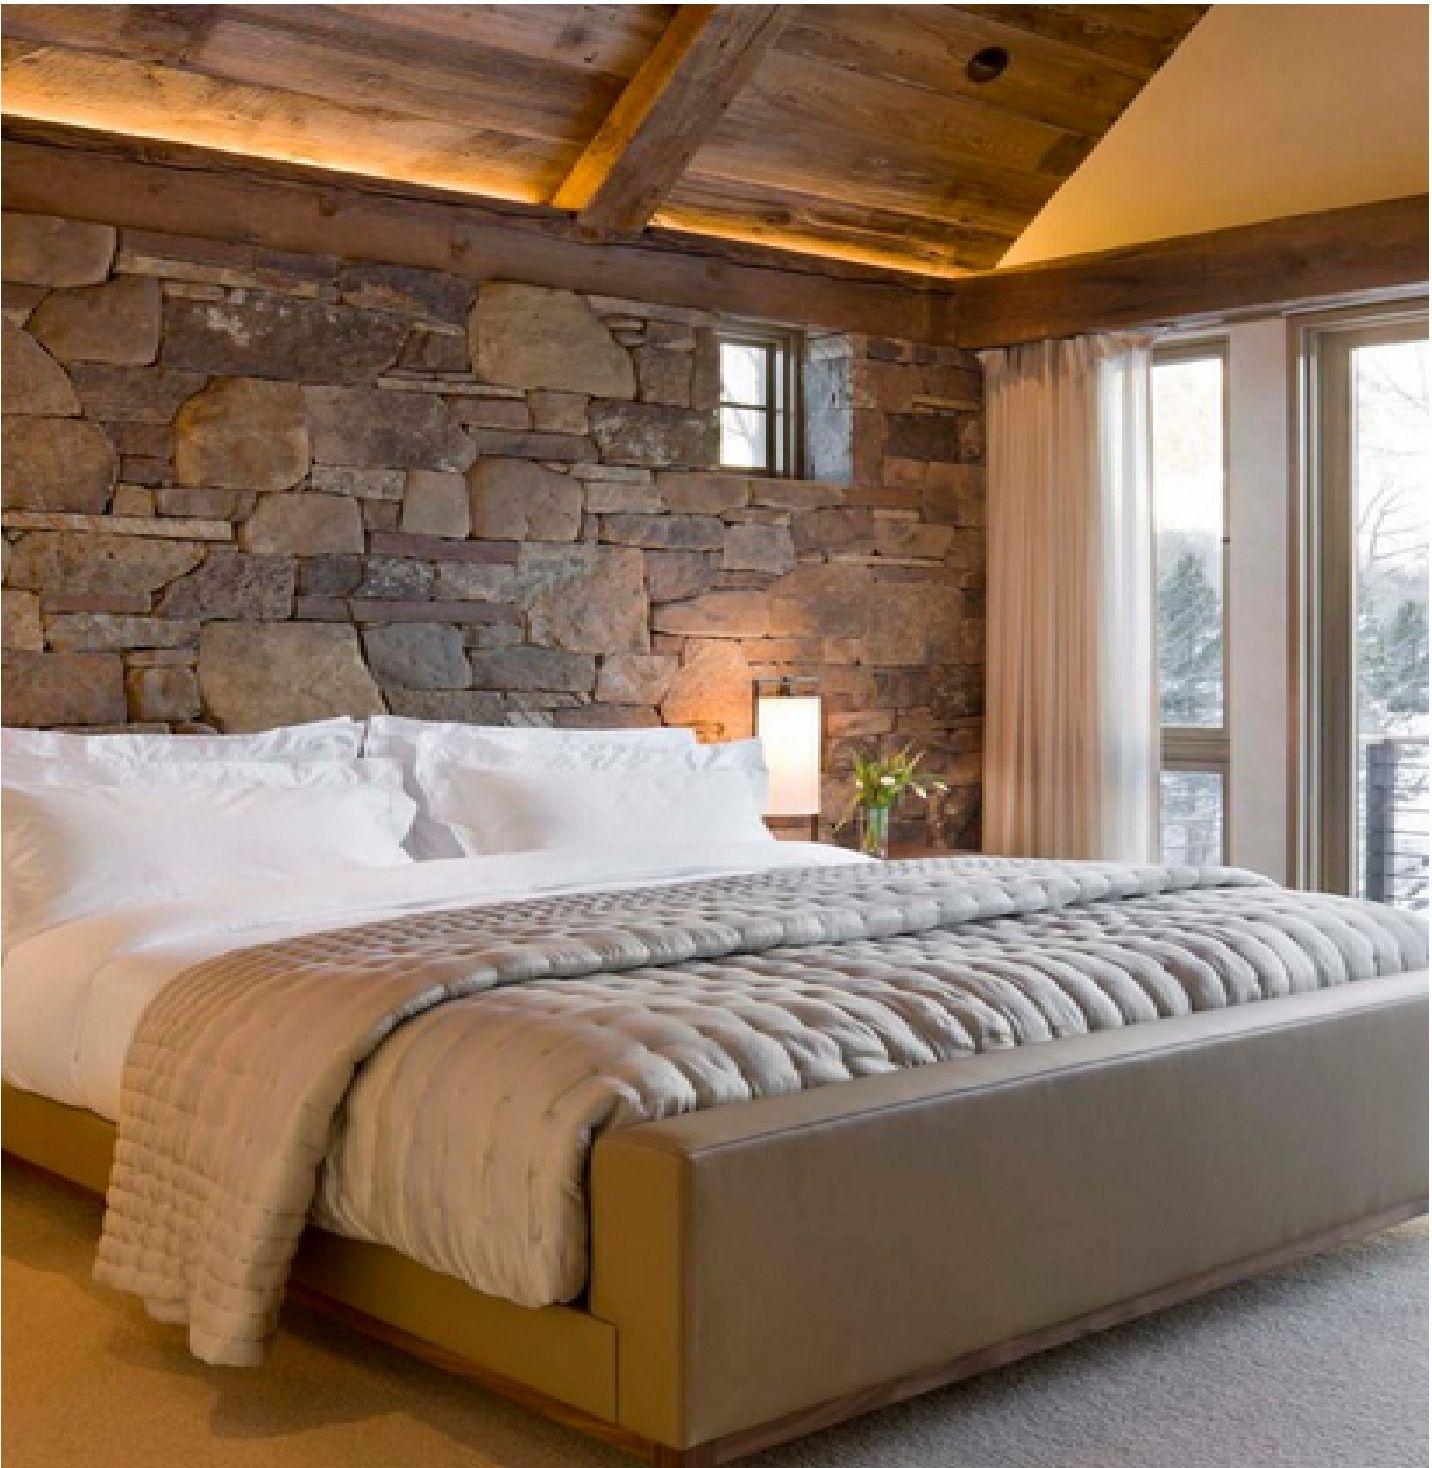 piedra, dormitorio | RUSTICO | Pinterest | Piedra, Dormitorio y Casas